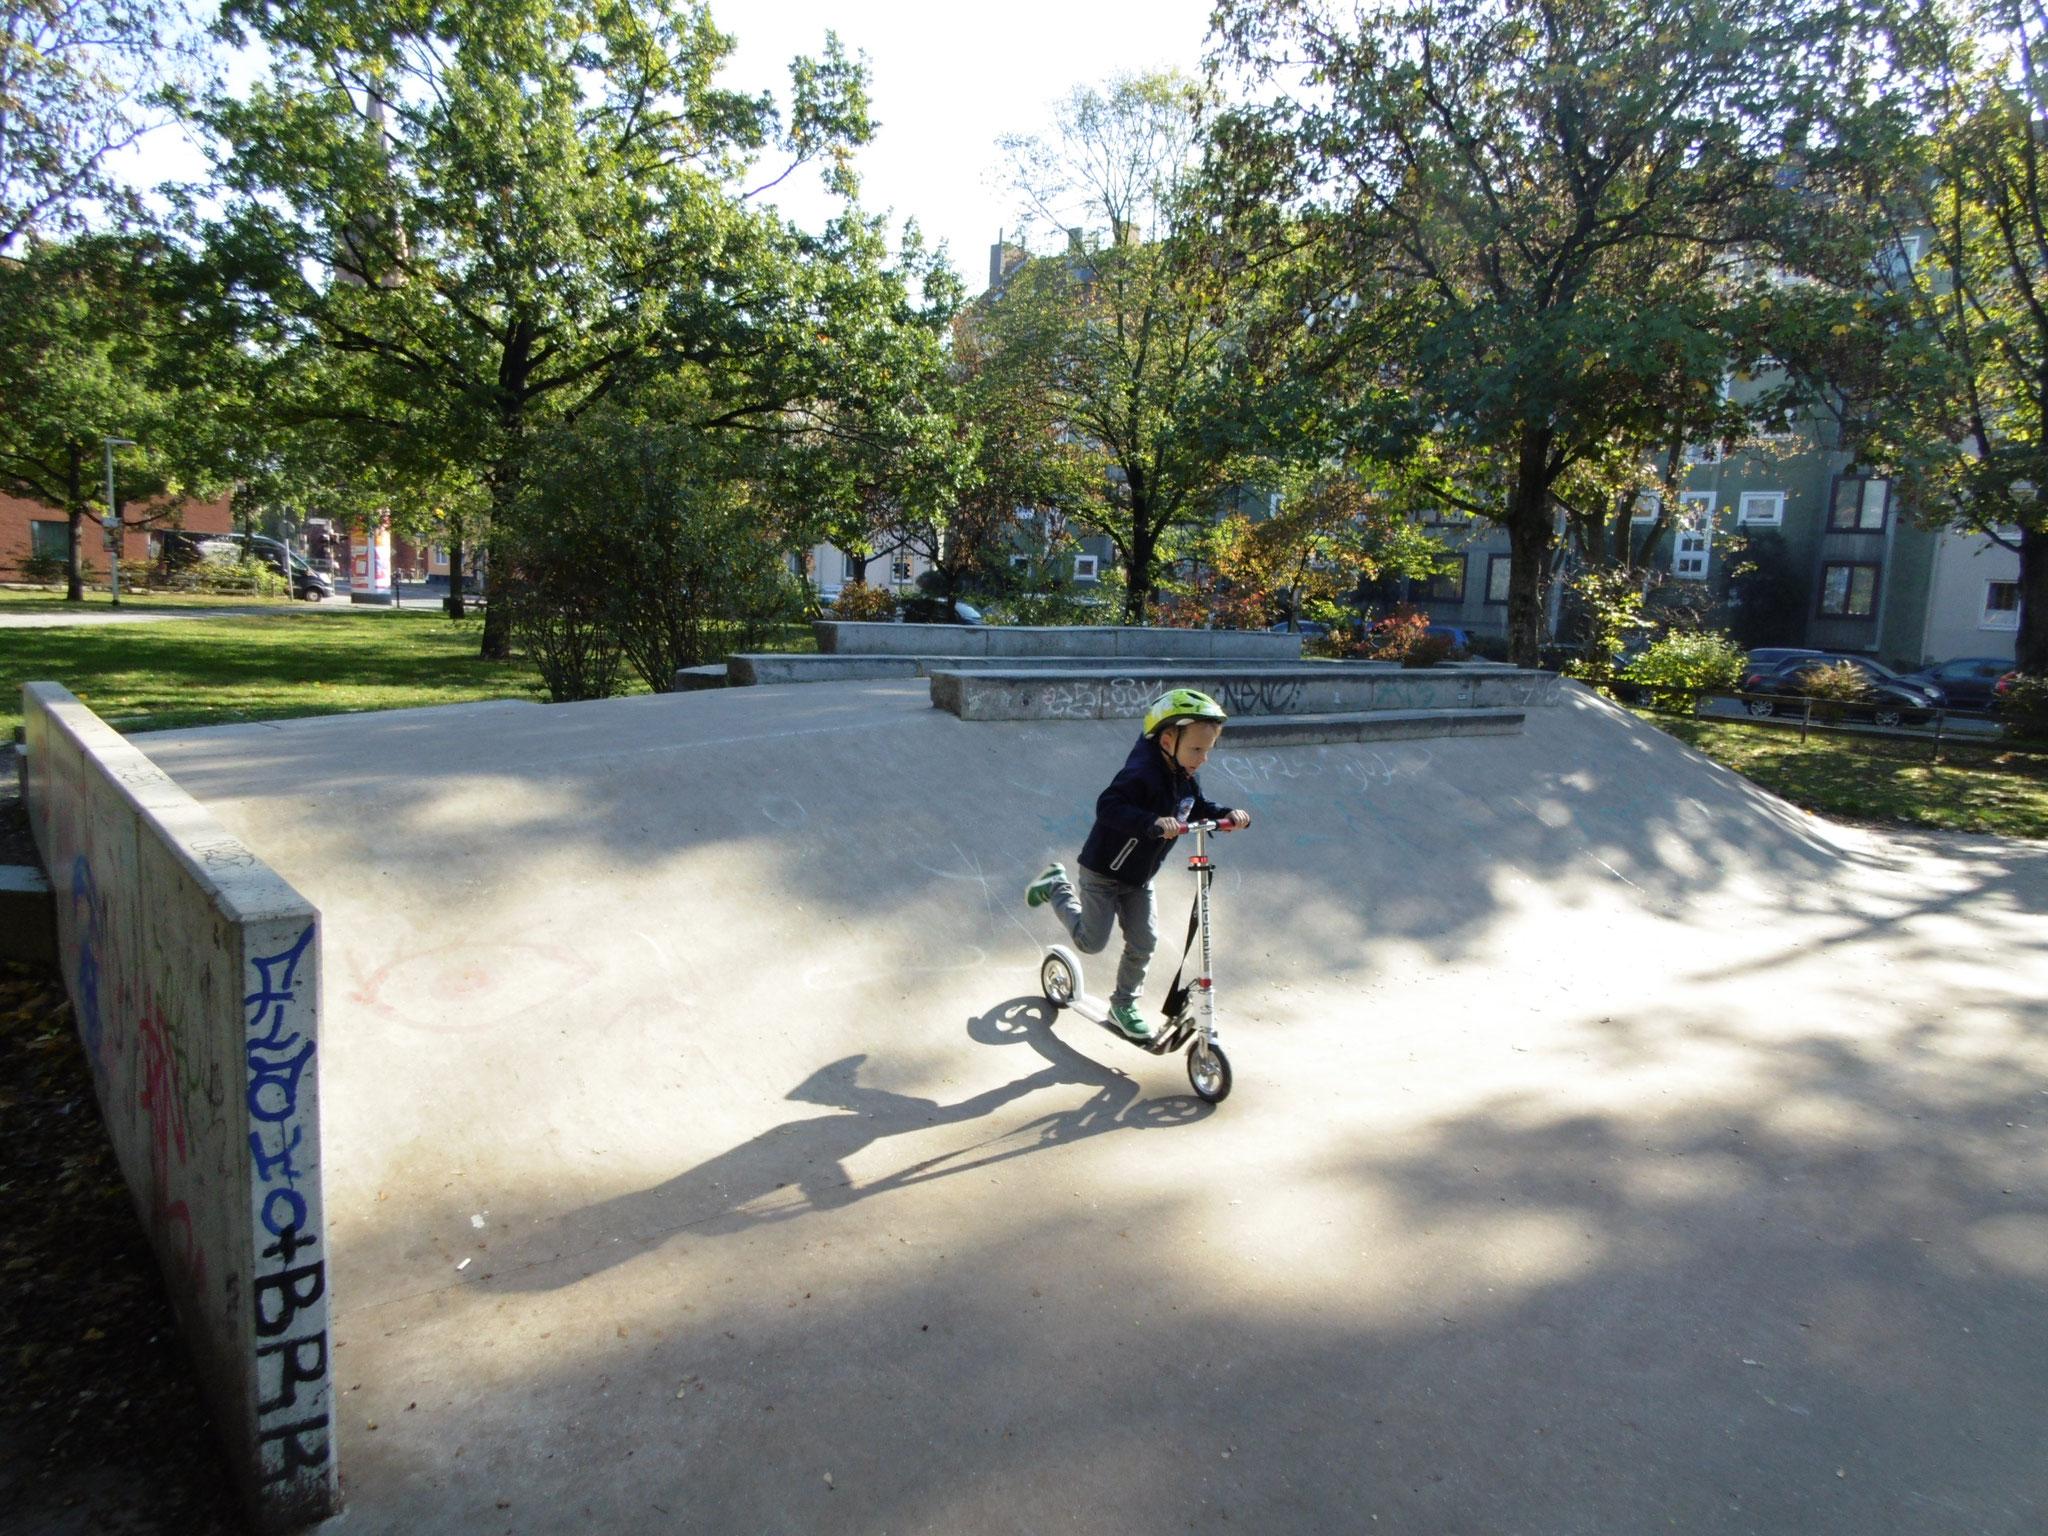 Skaten am Welfenplatz